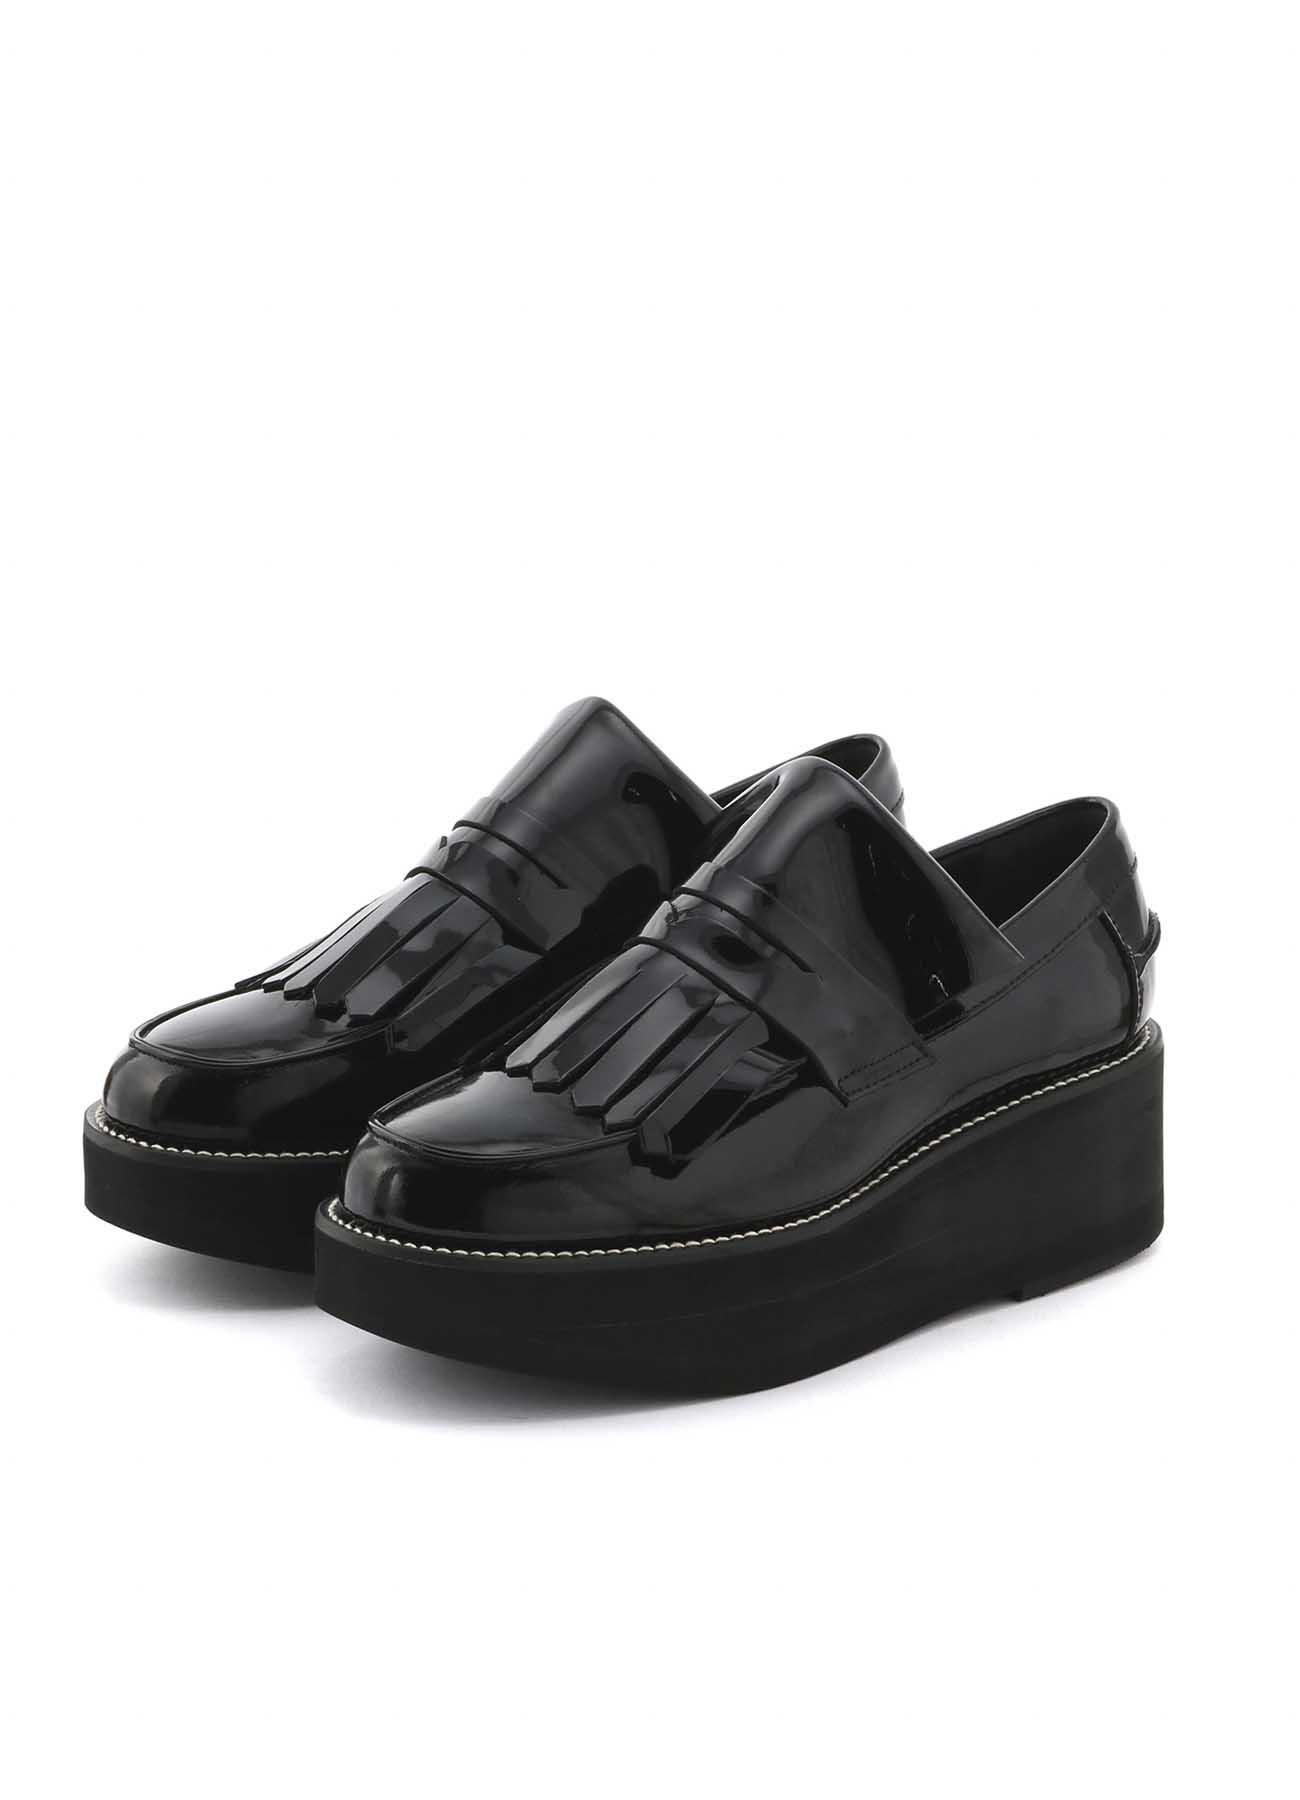 漆皮厚底乐福鞋